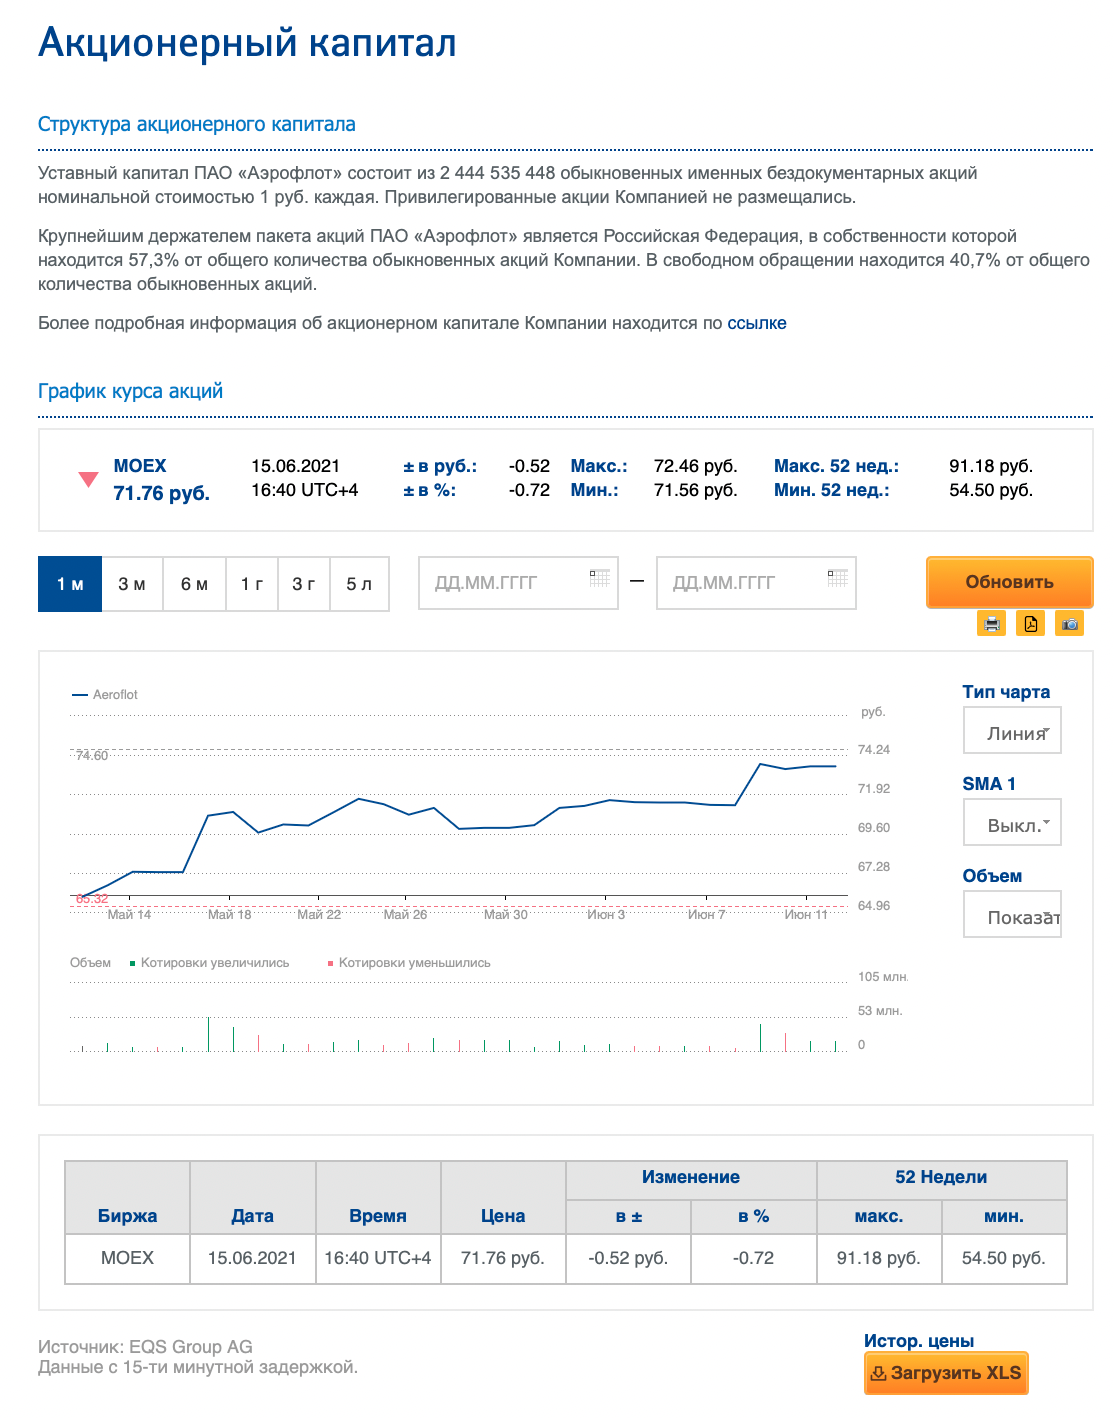 Данные об уставном капитале «Аэрофлота» я взяла на официальном сайте